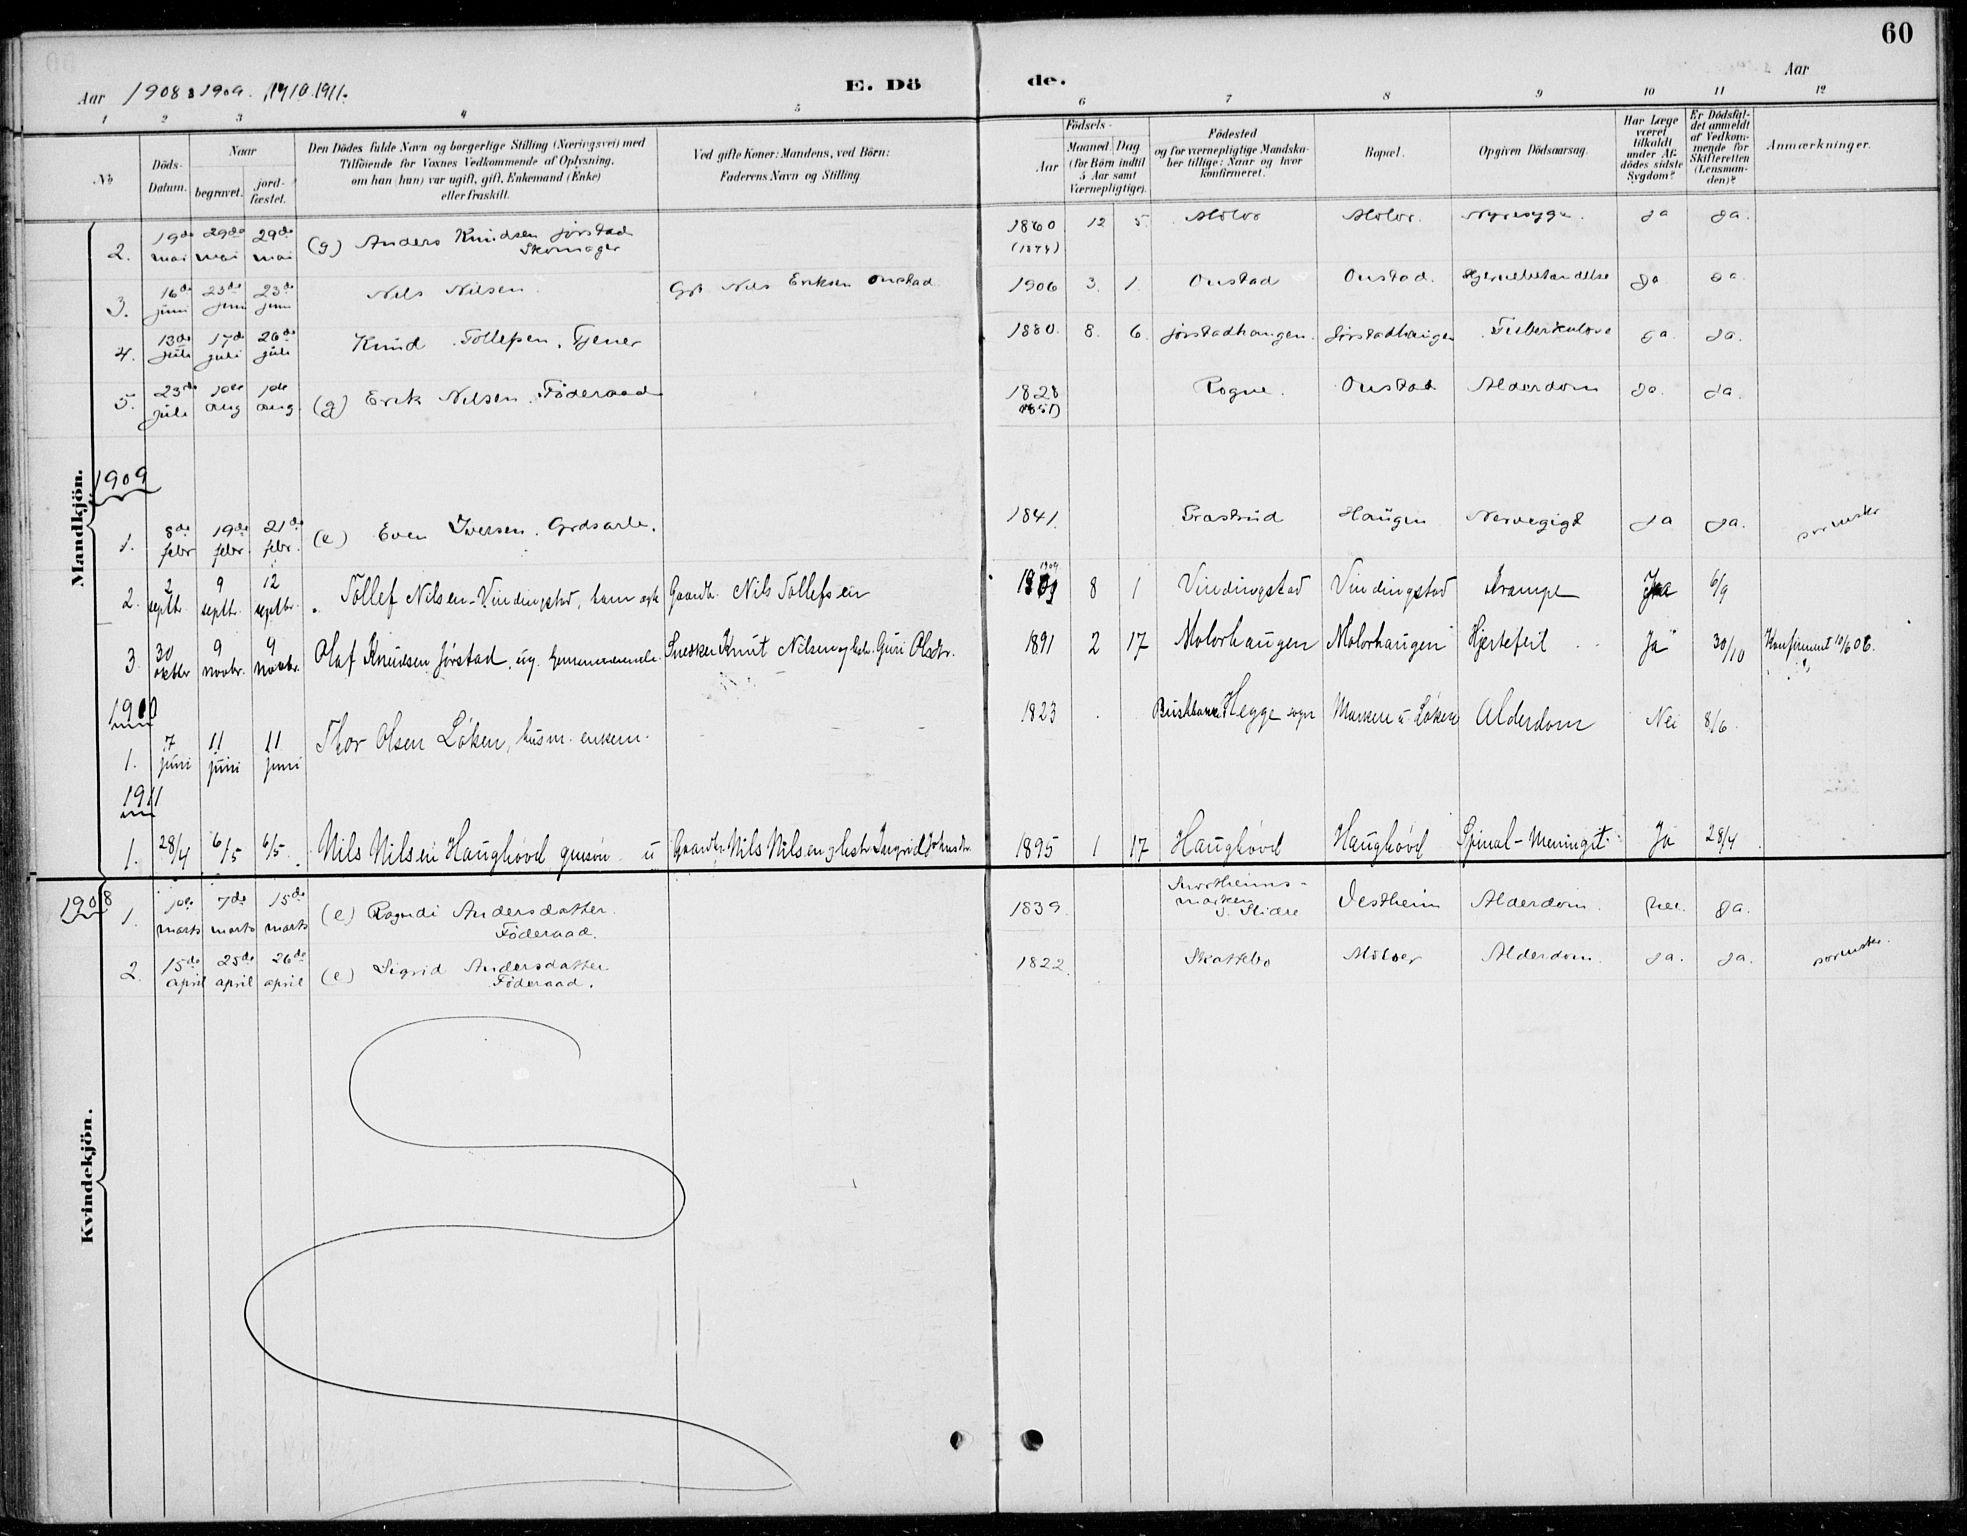 SAH, Øystre Slidre prestekontor, Ministerialbok nr. 5, 1887-1916, s. 60